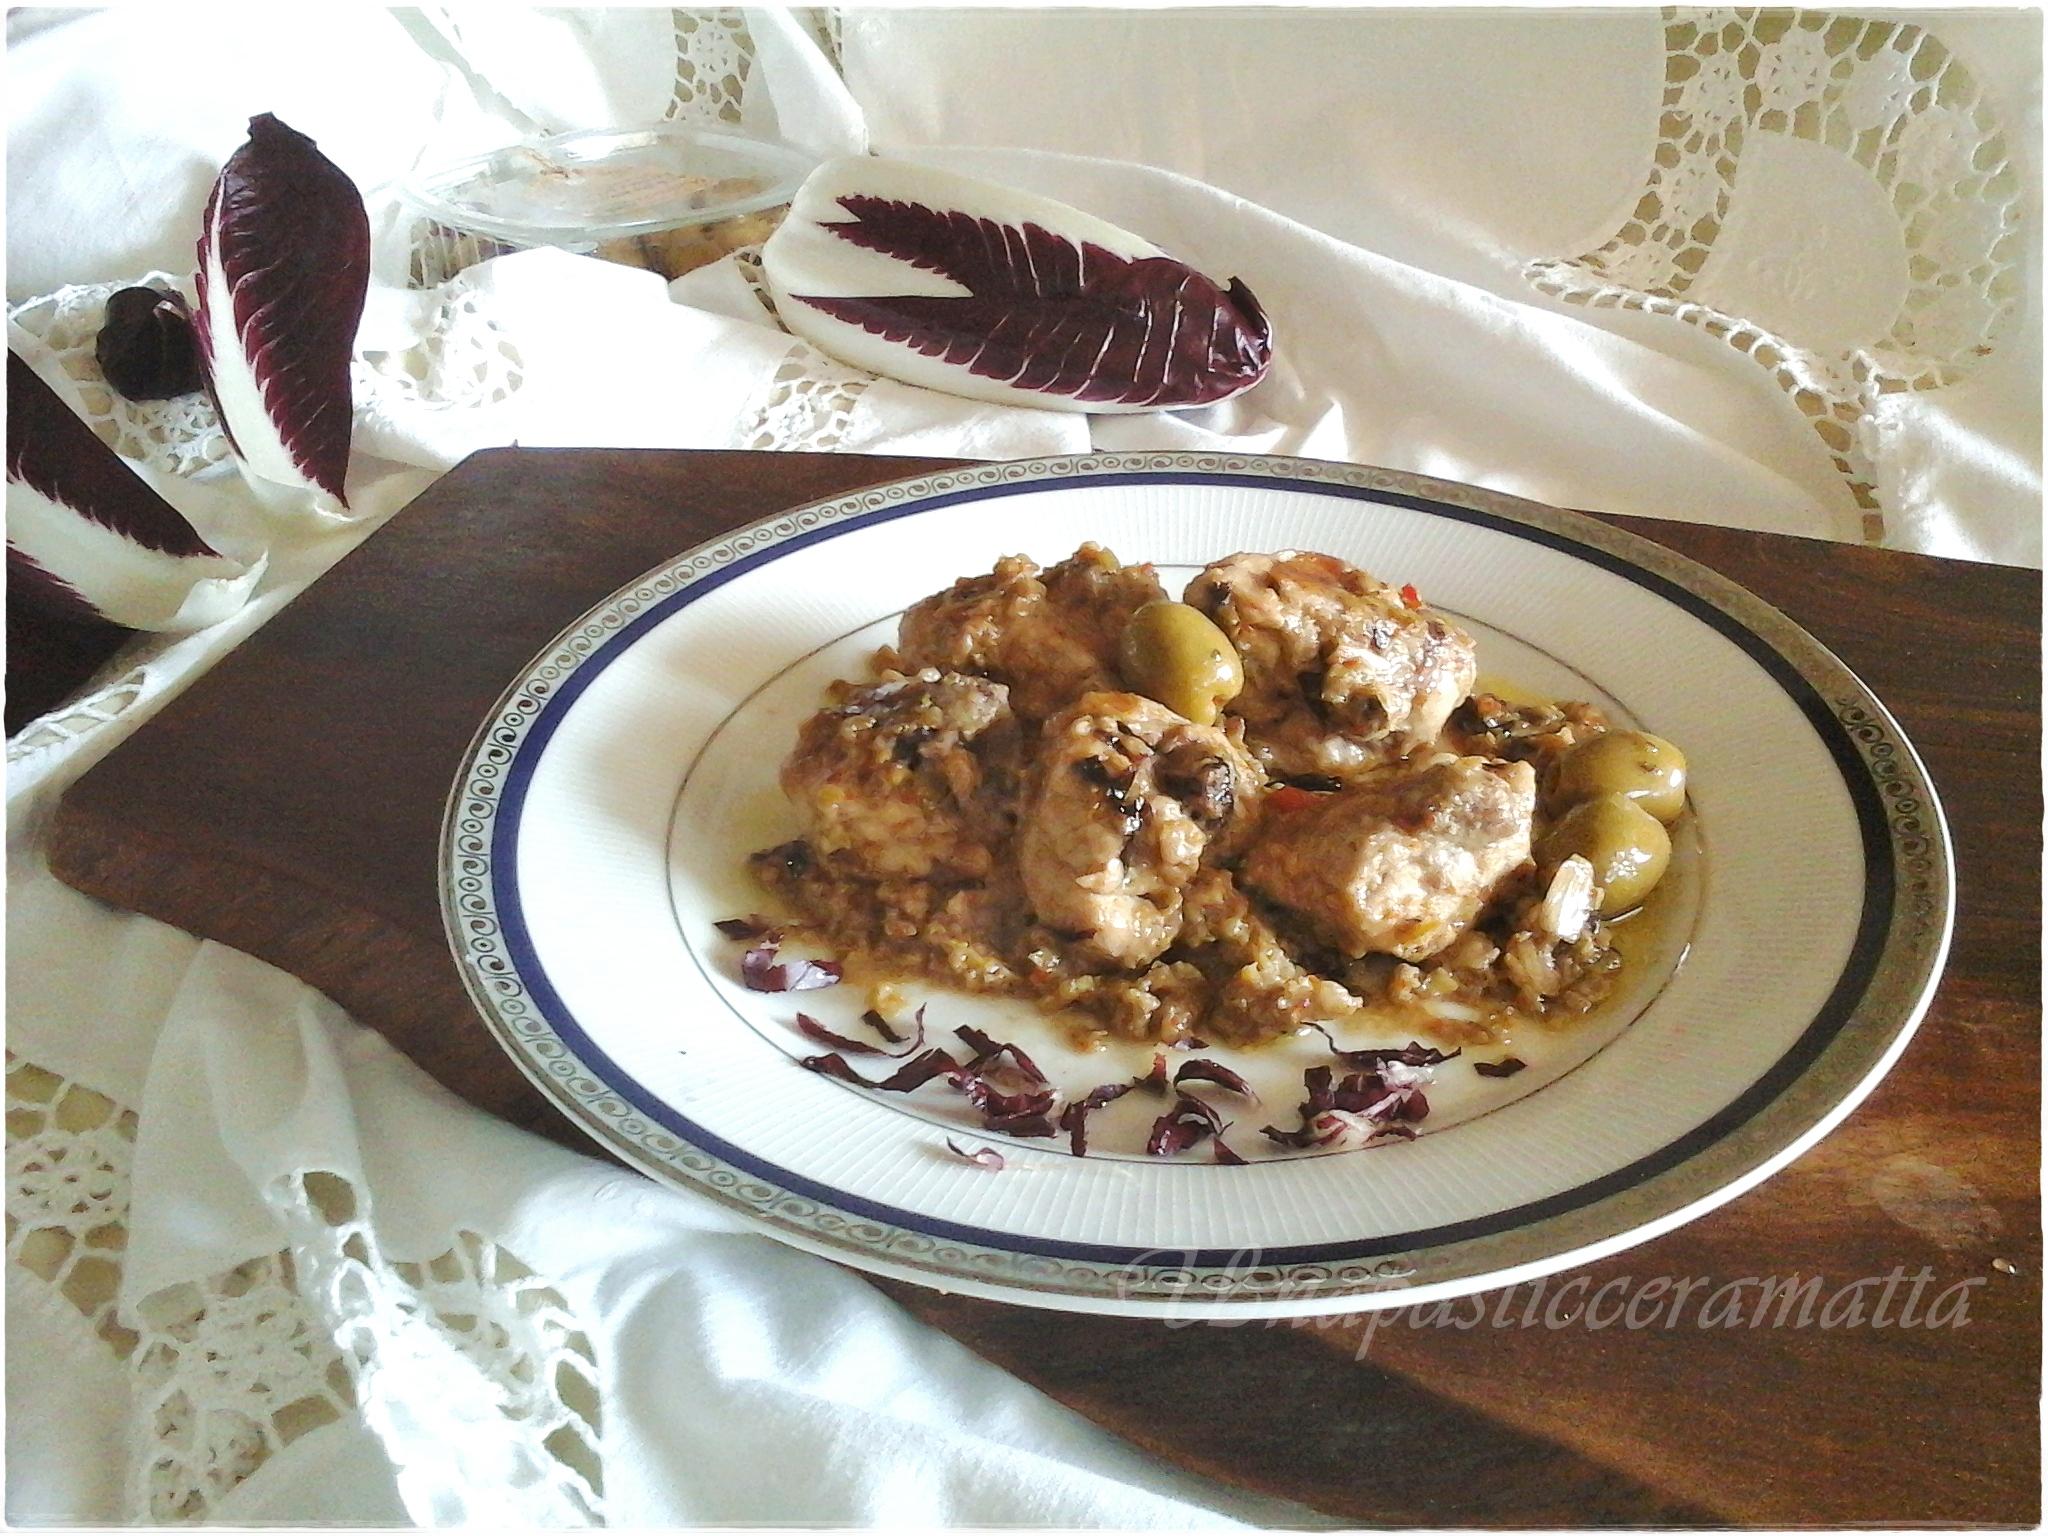 Spezzatino di pollo con salsa di olive e radicchio rosso